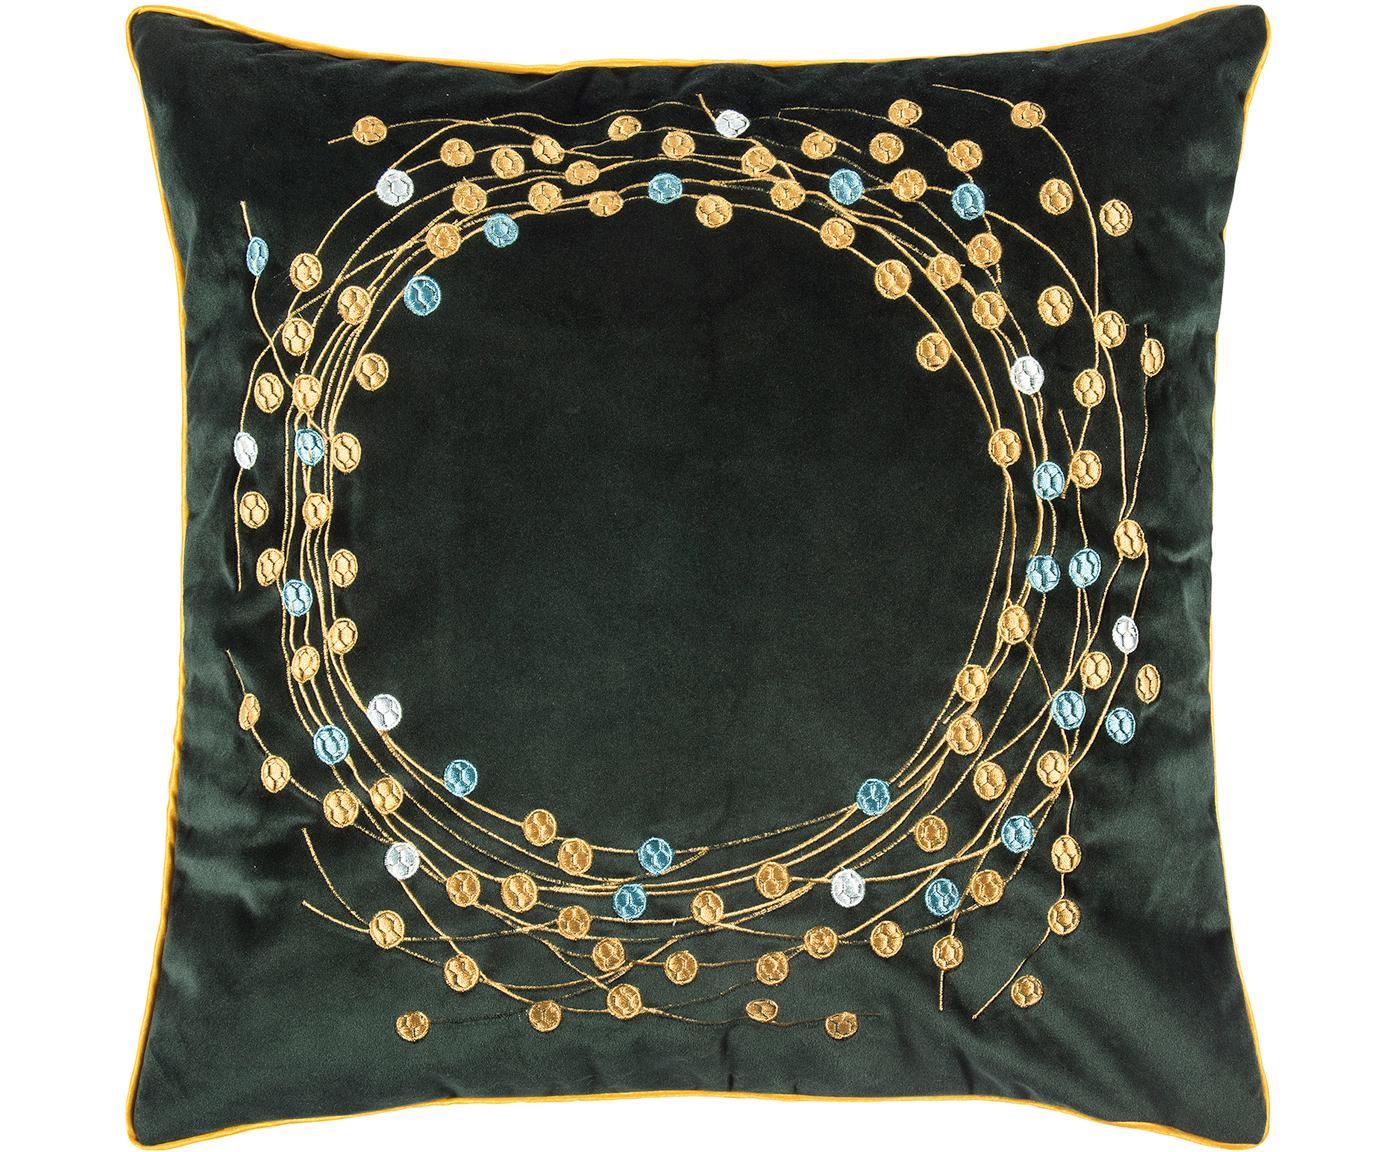 Fluwelen kussenhoes Circle met geborduurd wintermotief, Polyester fluweel, Donkergroen, goudkleurig, 45 x 45 cm